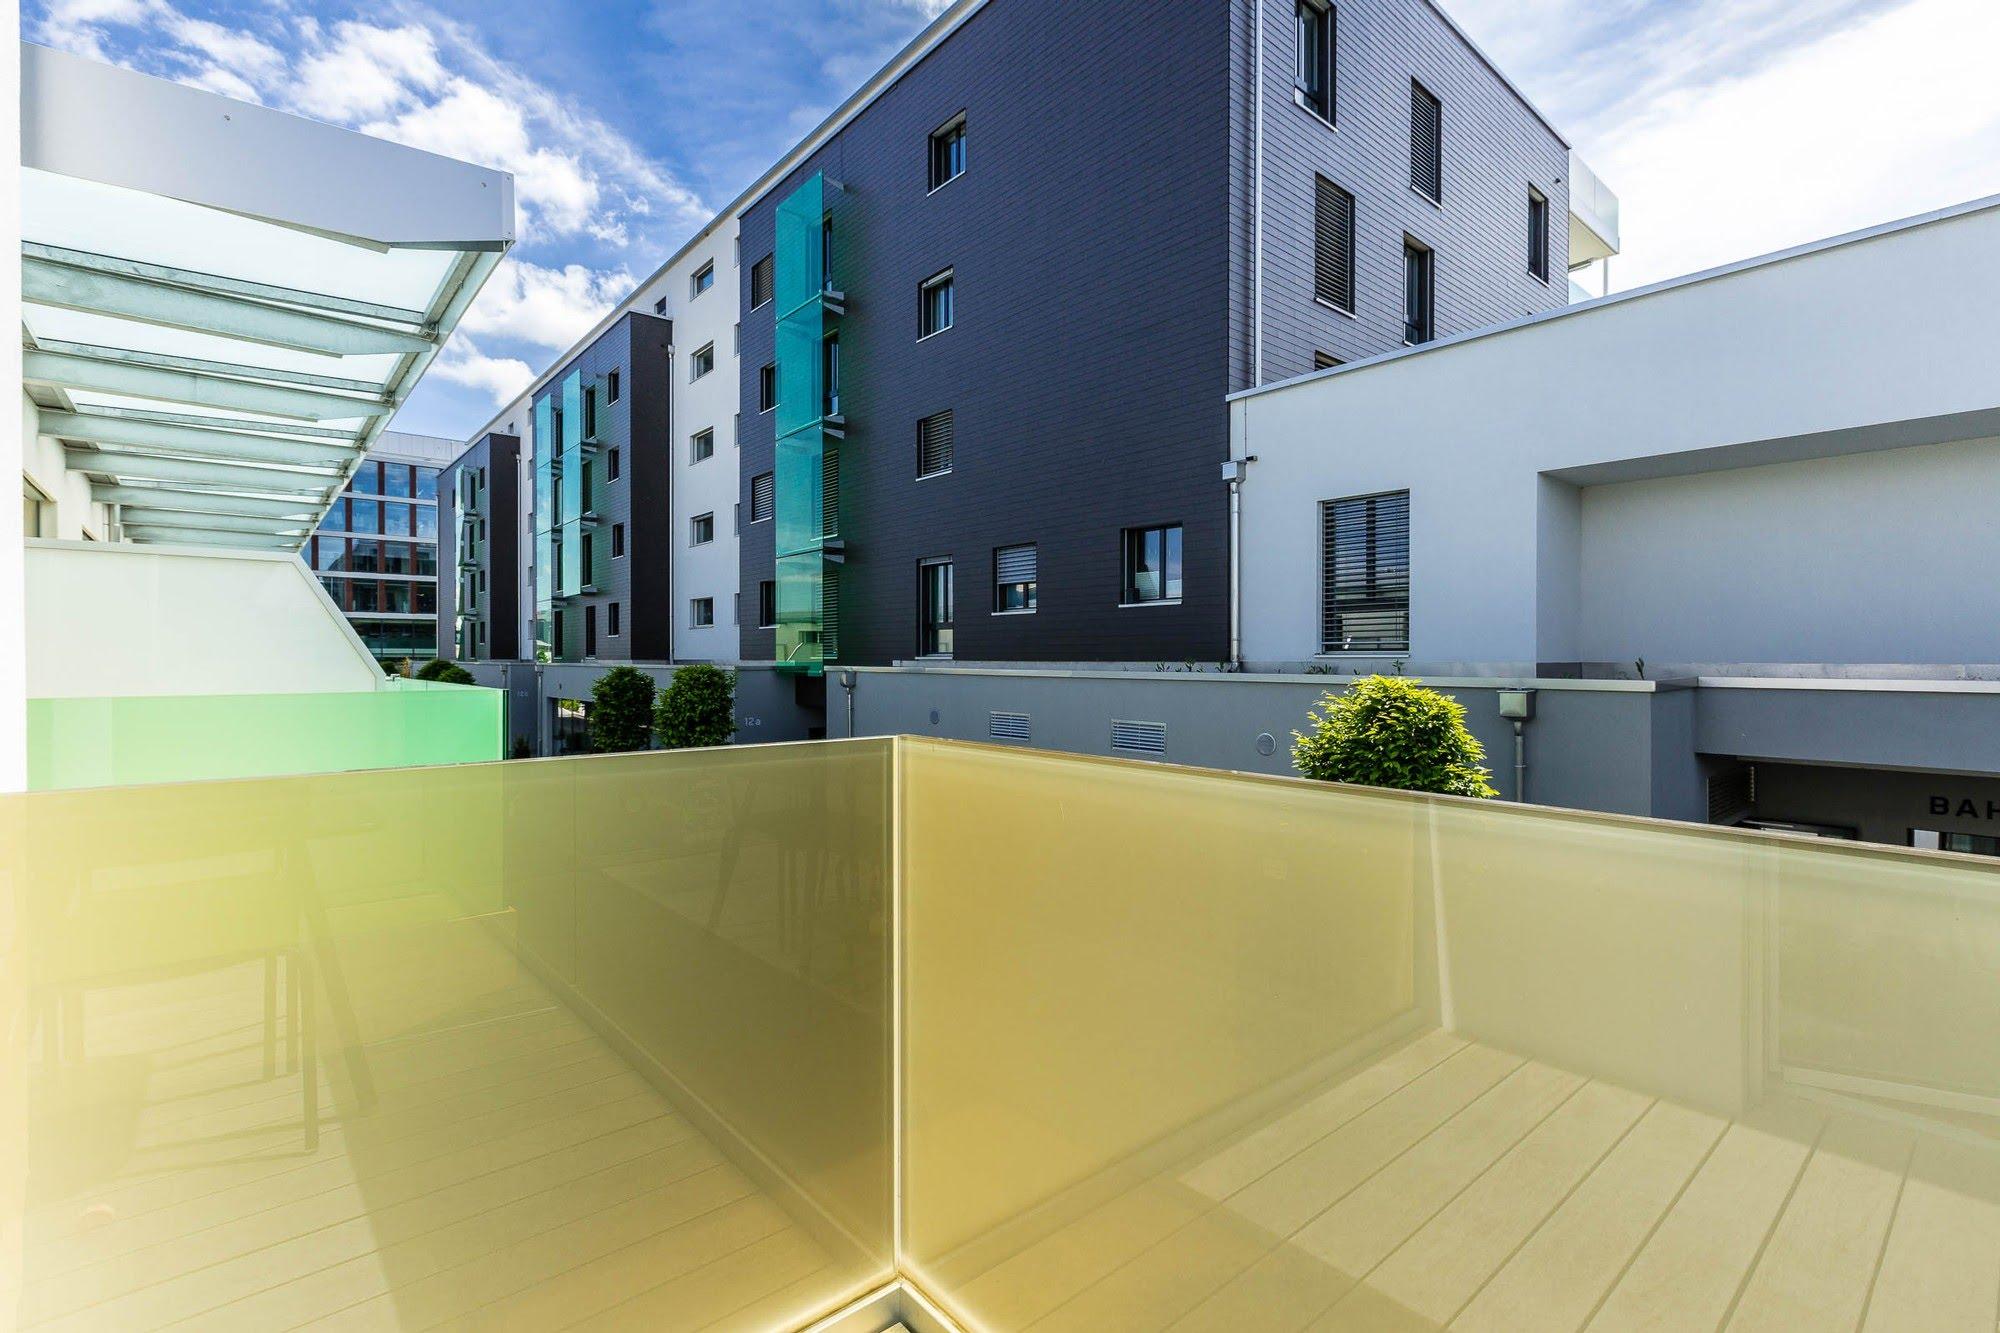 Öffentlich,Wohnen MFH,Gewerbe Motel in Oberkirch Architektur,Wohnungsbau,Wohnhäuser,Einfamilienhäuser,Mehrfamilienhäuser